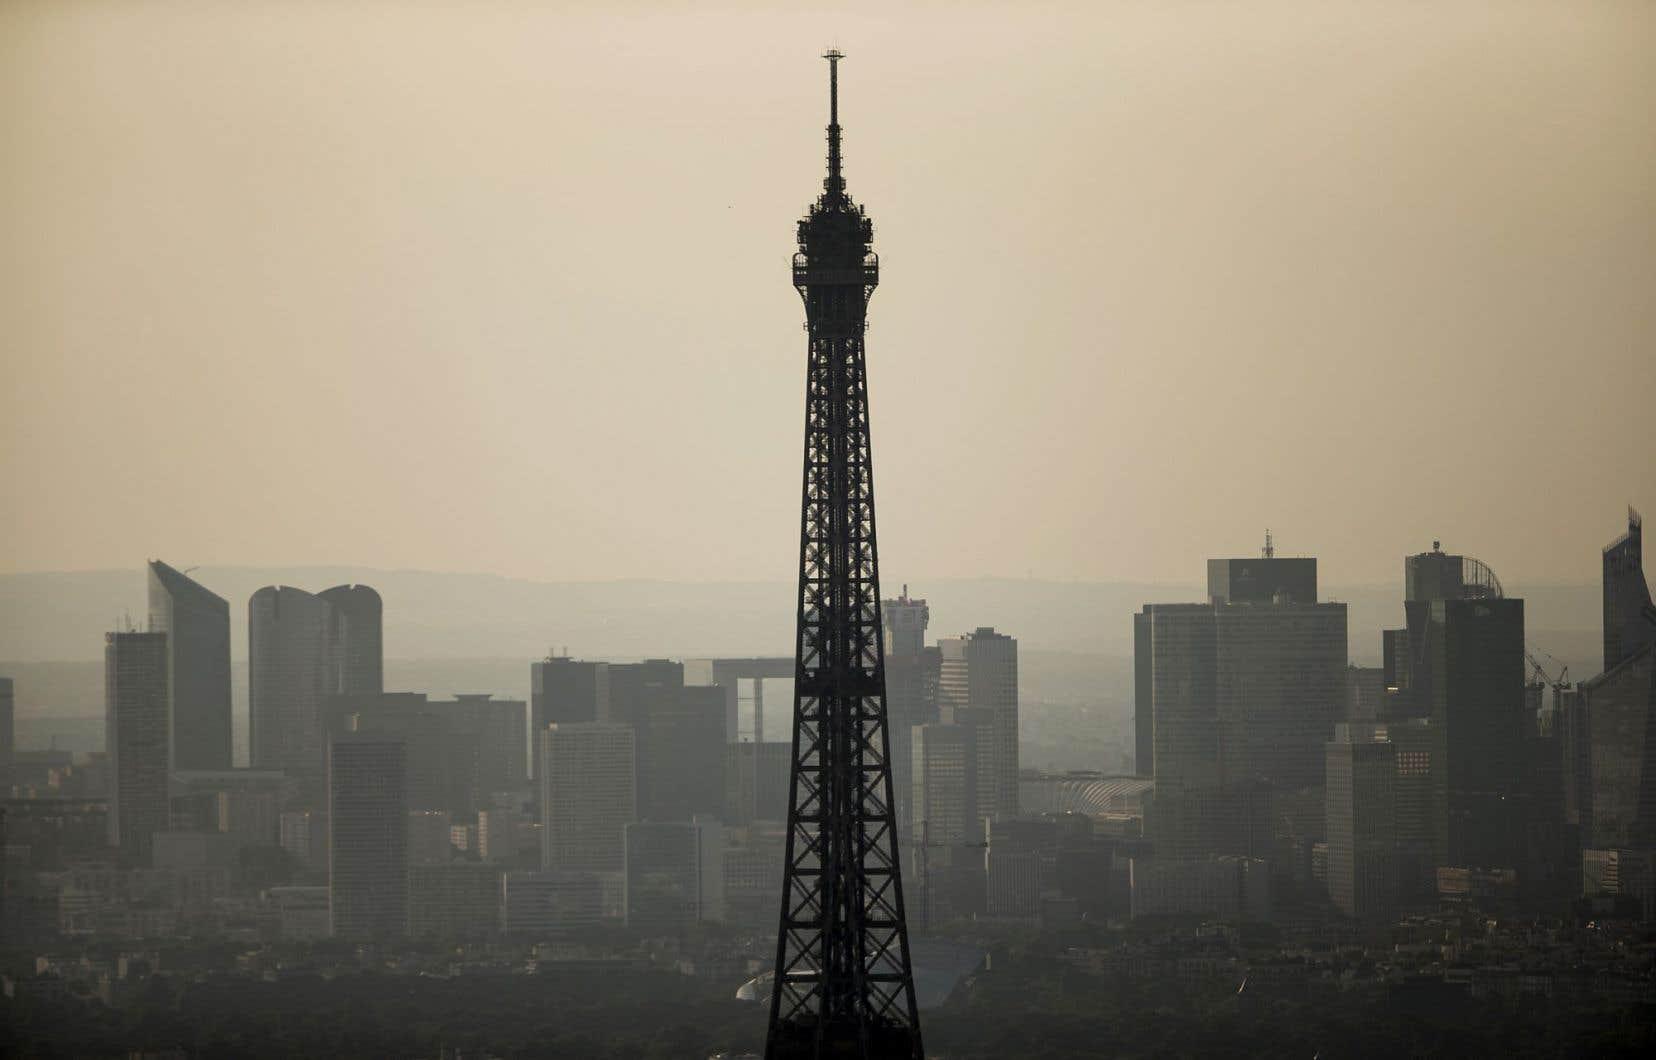 Vue sur le quartier des affaires de Paris, qui s'étale derrière le sommet de la tour Eiffel. La France a moins bien fait que prévu, avec une croissance nulle.